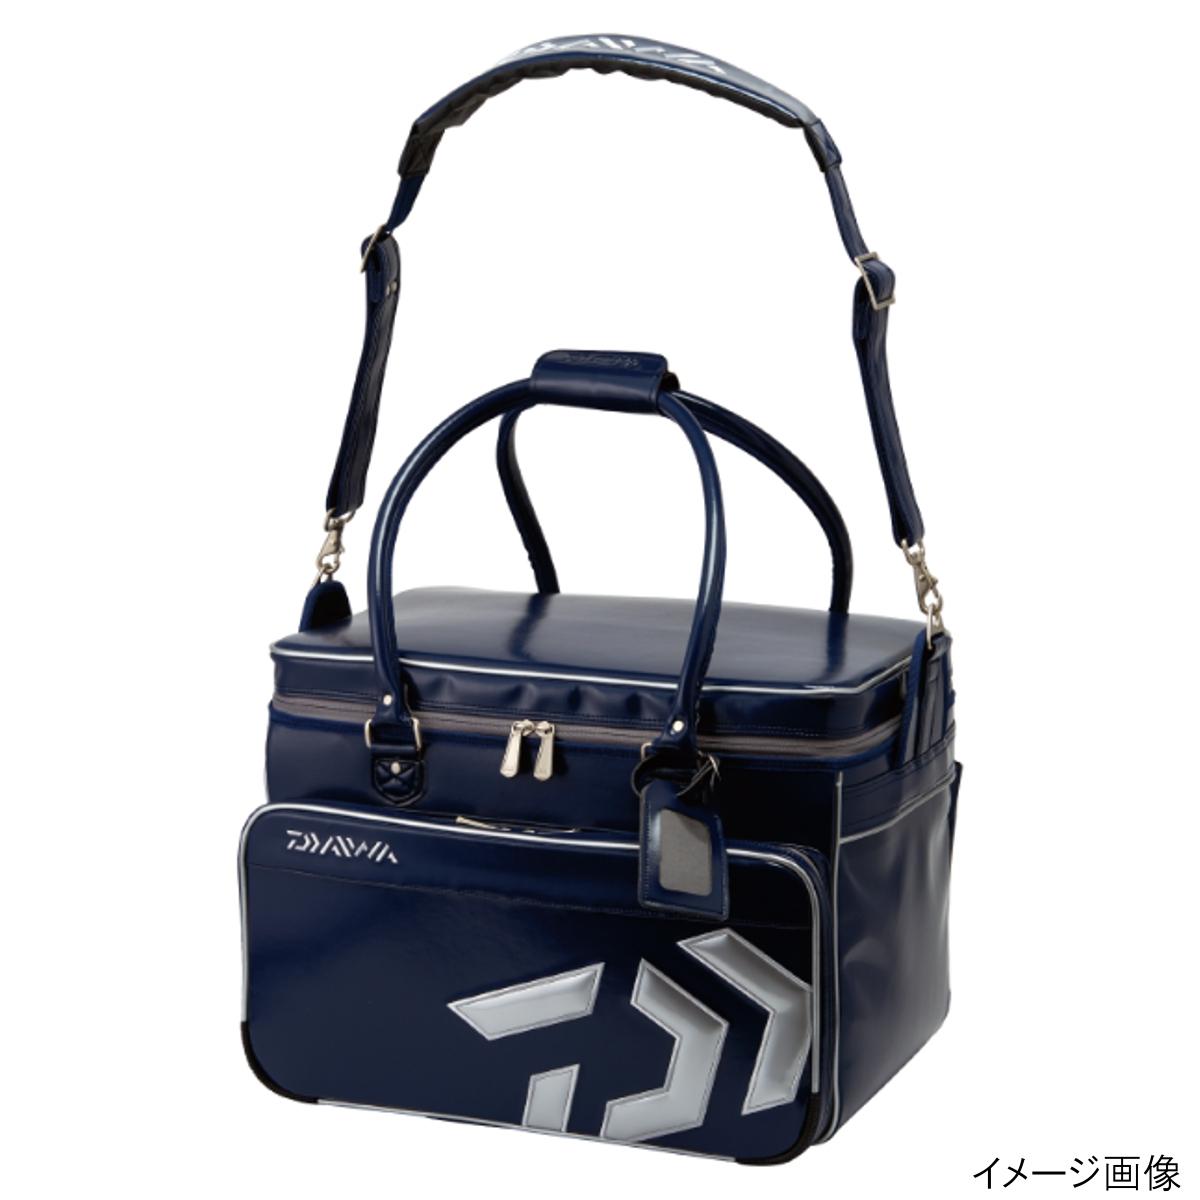 ダイワ へらバッグ 38(E) ダークブルー(東日本店), 座間市:f56fb3b5 --- kiiro.jp